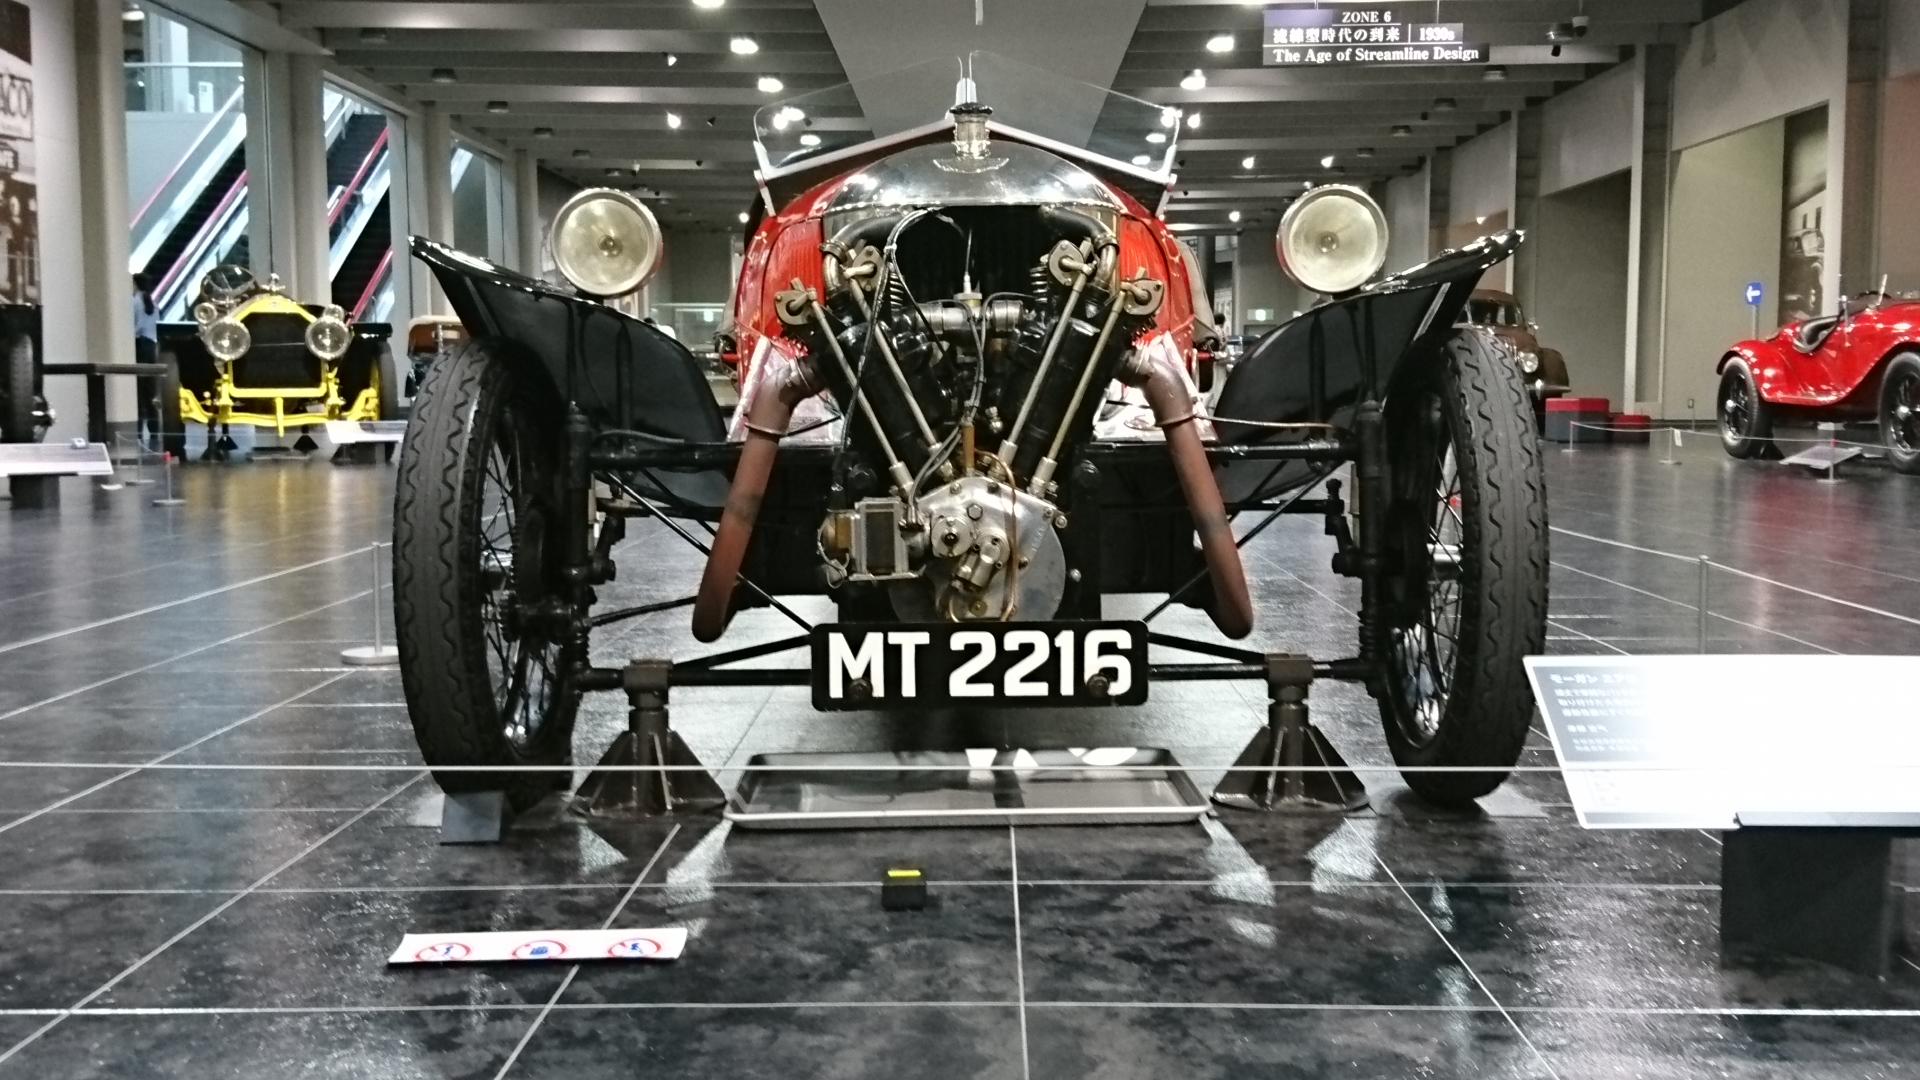 2019.6.30 (10002) トヨタ博物館 - モーガンエアロ 1920-1080